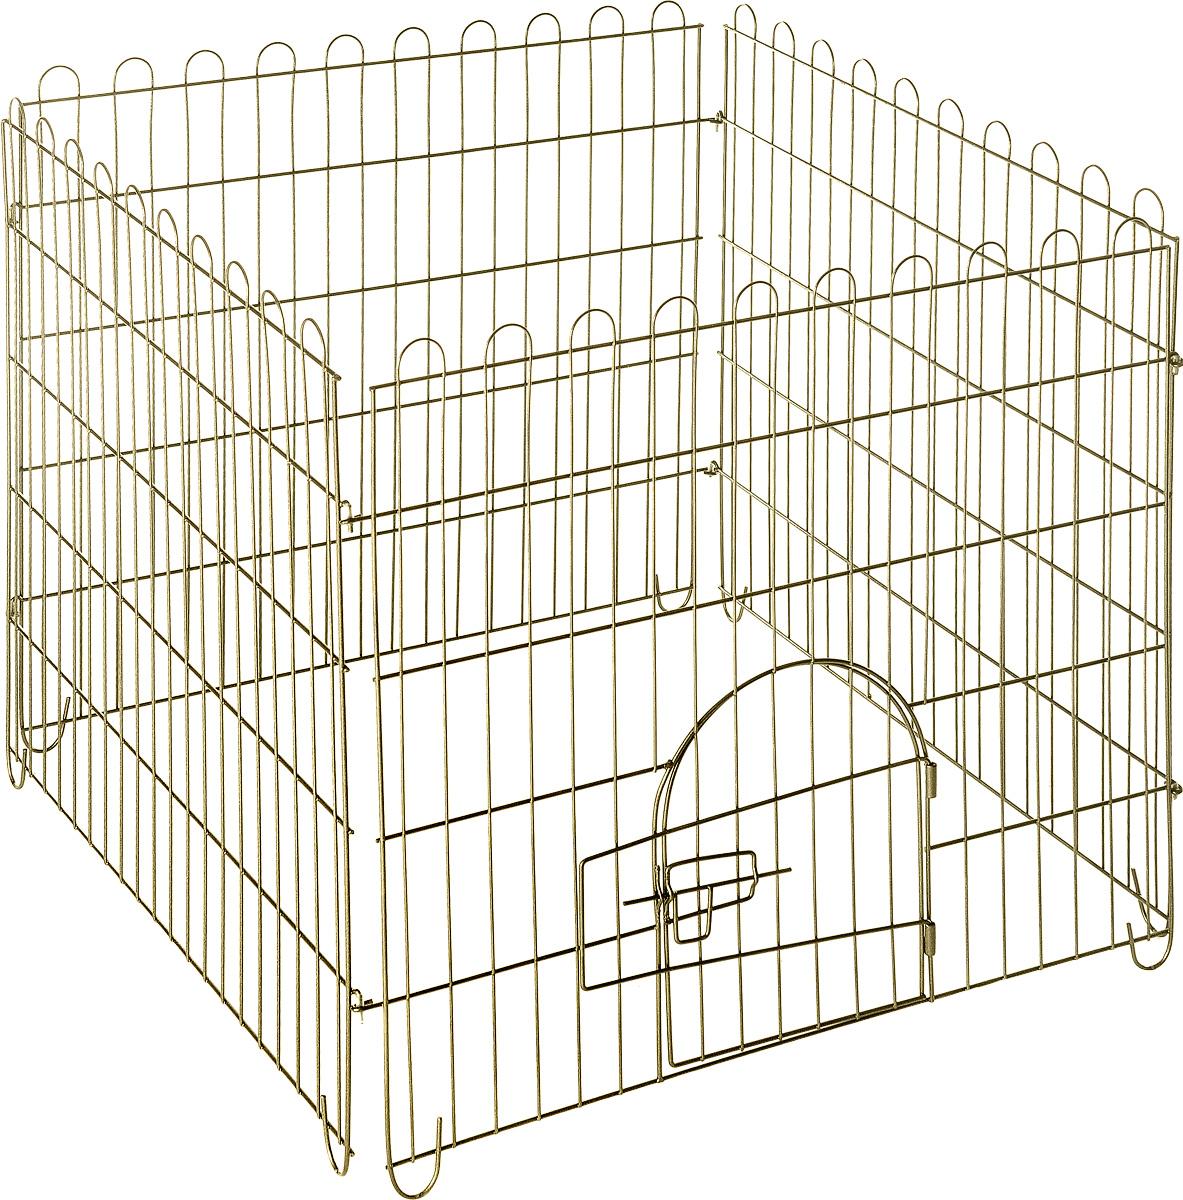 Вольер для животных ЗооМарк, разборный, 4 секции, 75 х 75 х 74 см0120710Вольер для животных ЗооМарк, выполненный из металла, состоит из 4 секций, одна из которых снабжена металлической дверцей с запором-задвижкой. Чтобы собрать вольер, нужно вставить штыри, расположенные с боковых сторон секций, в кольца, имеющиеся по бокам. Из панелей можно собрать ограждение для вашего питомца любой формы, используя для этого необходимое количество секций. Секции могут состыковаться друг с другом под любым углом. Вольер предназначен для собак, а также других животных. Подходит для отдыха на природе и ограничения передвижения по участку. В сложенном виде занимает очень мало места, удобен для транспортировки. Размер вольера: 75 х 75 х 74 см.Размер секции: 75 х 74 см. Расстояние между прутьями: 3,7 см.